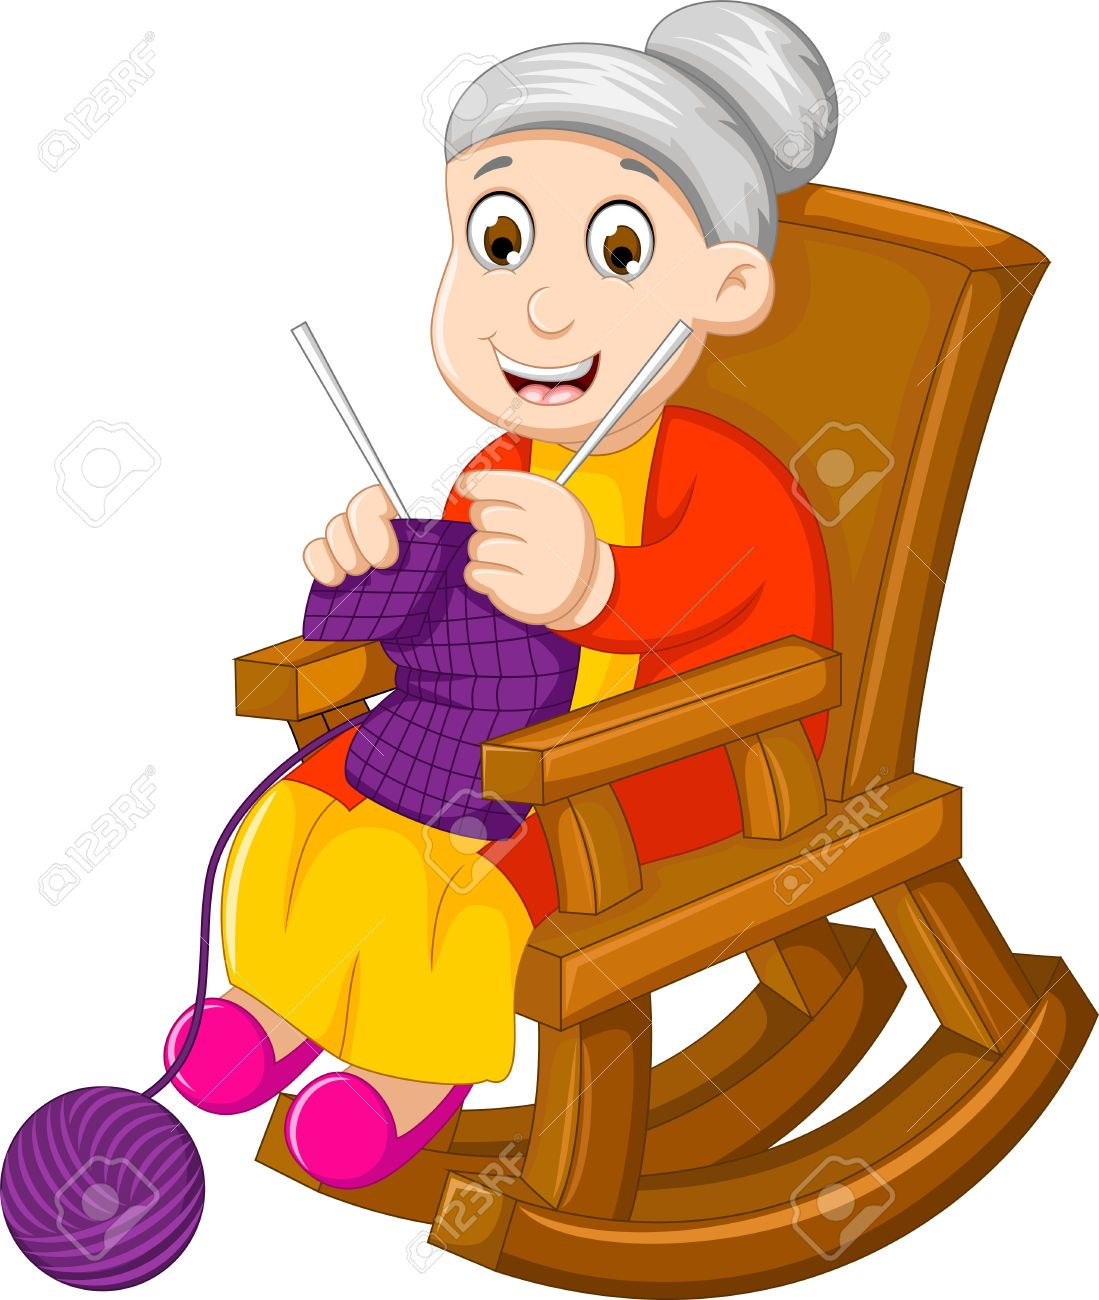 Divertida De Tejer Dibujos Animados Abuela En Una